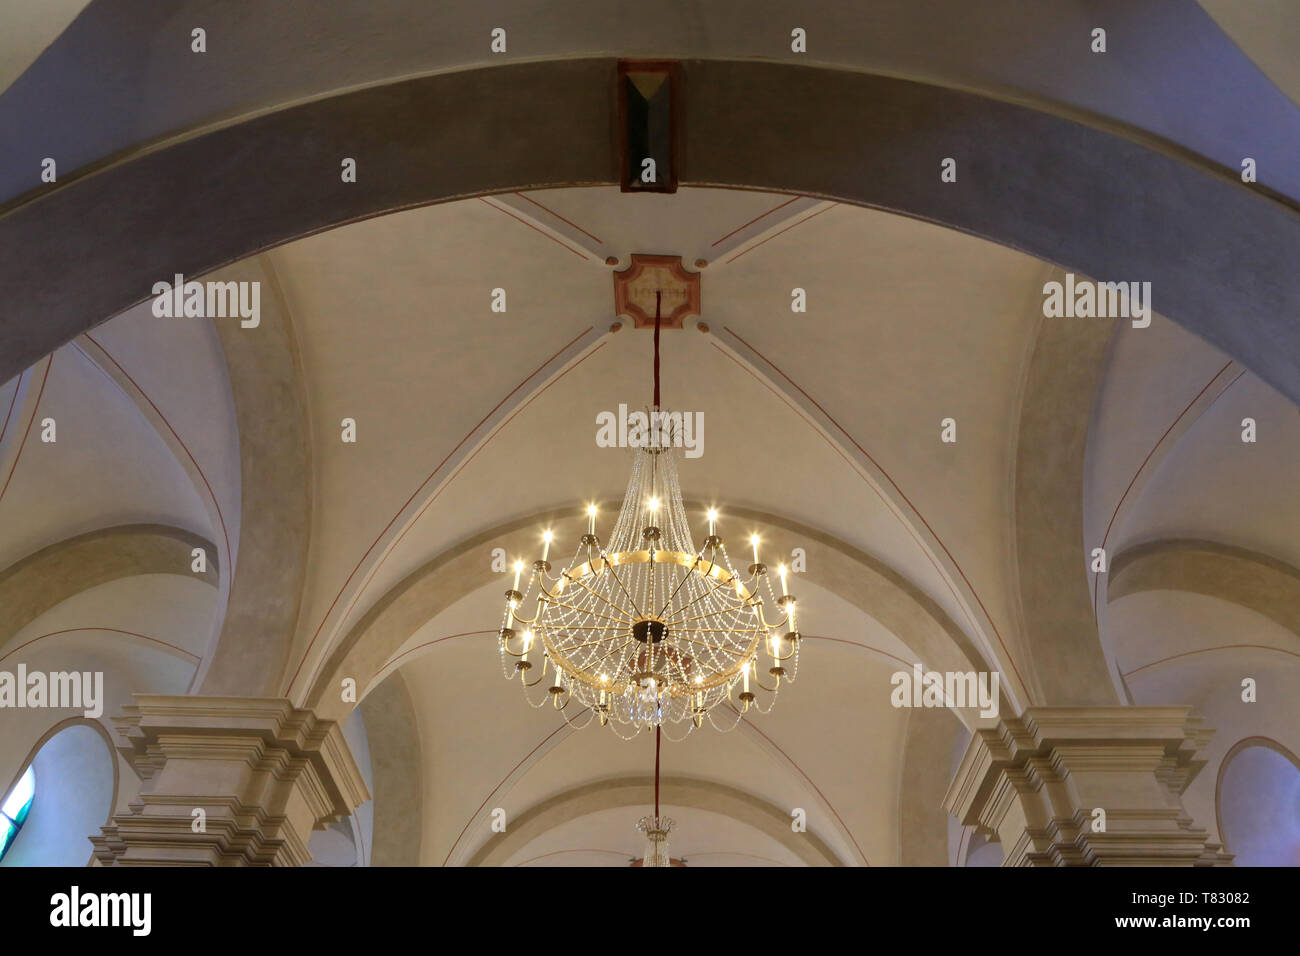 Lustre. Eglise Saint-Gervais et Saint-Protais. Saint-Gervais-les-Bains. / Church of St. Gervais and St. Protais. Saint-Gervais-les-Bains. - Stock Image